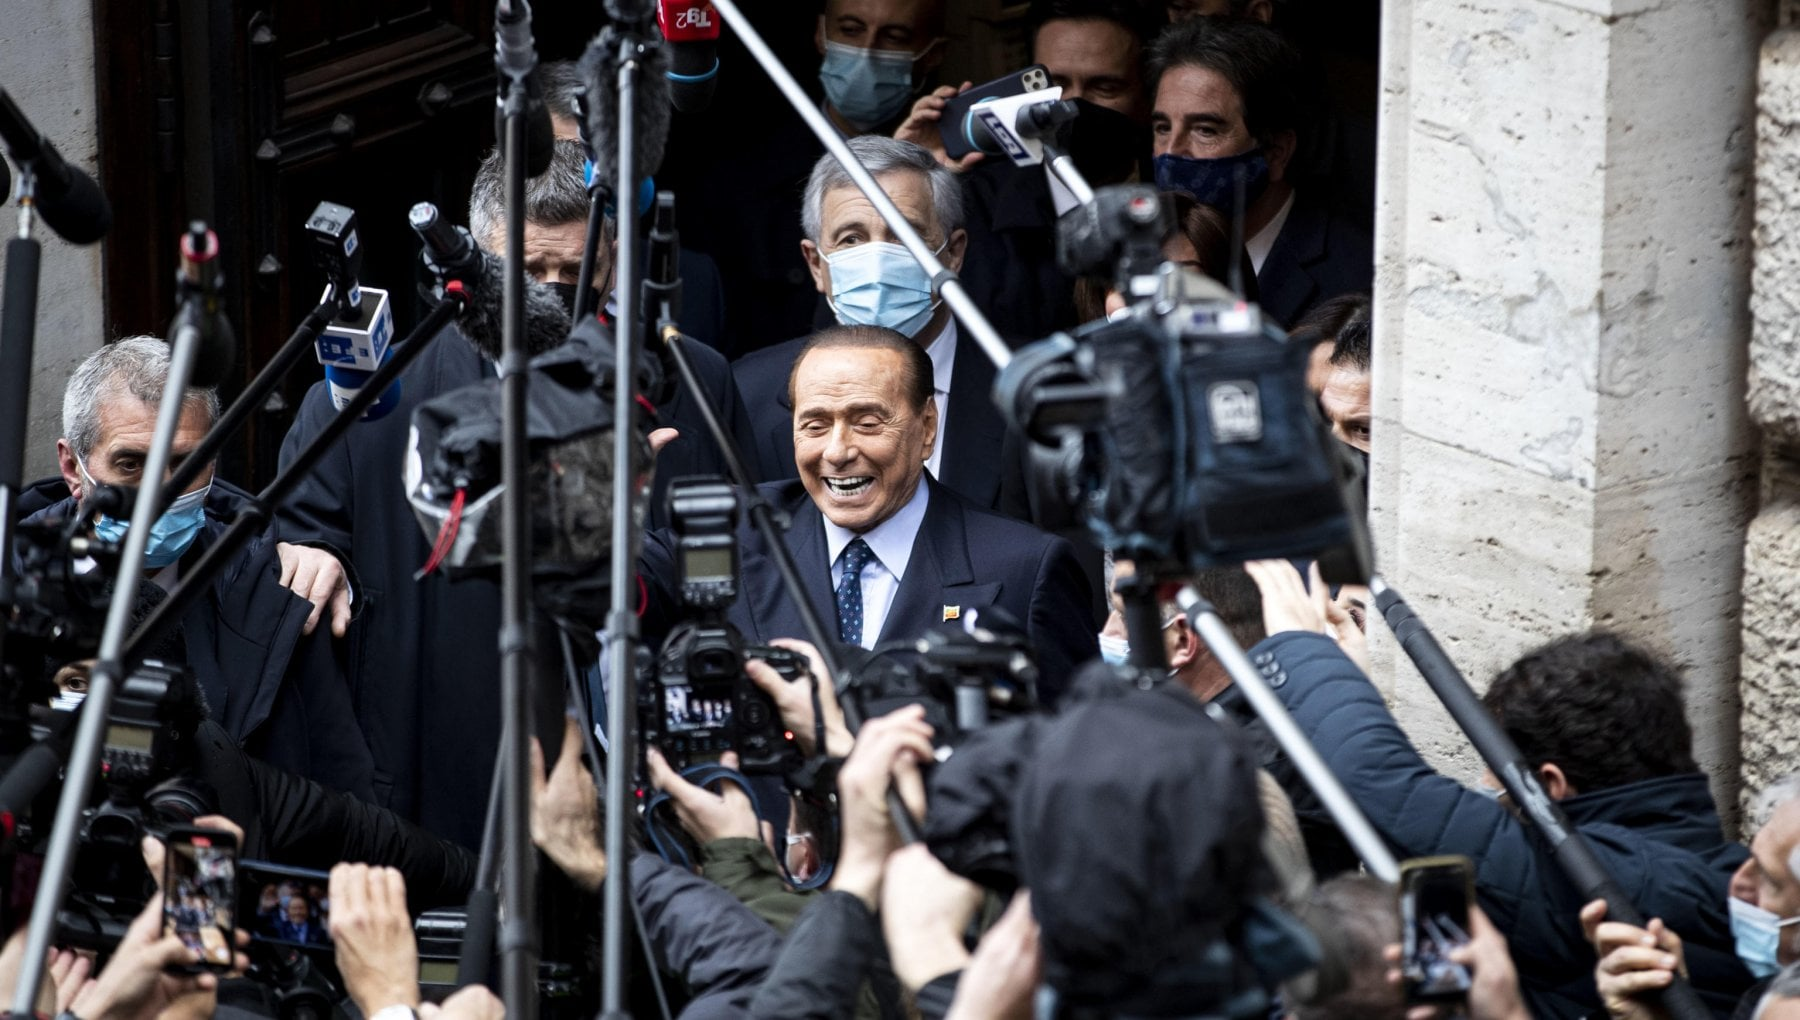 Governo Draghi Oggi Consultazioni Dei Partiti Maggiori La Diretta La Repubblica